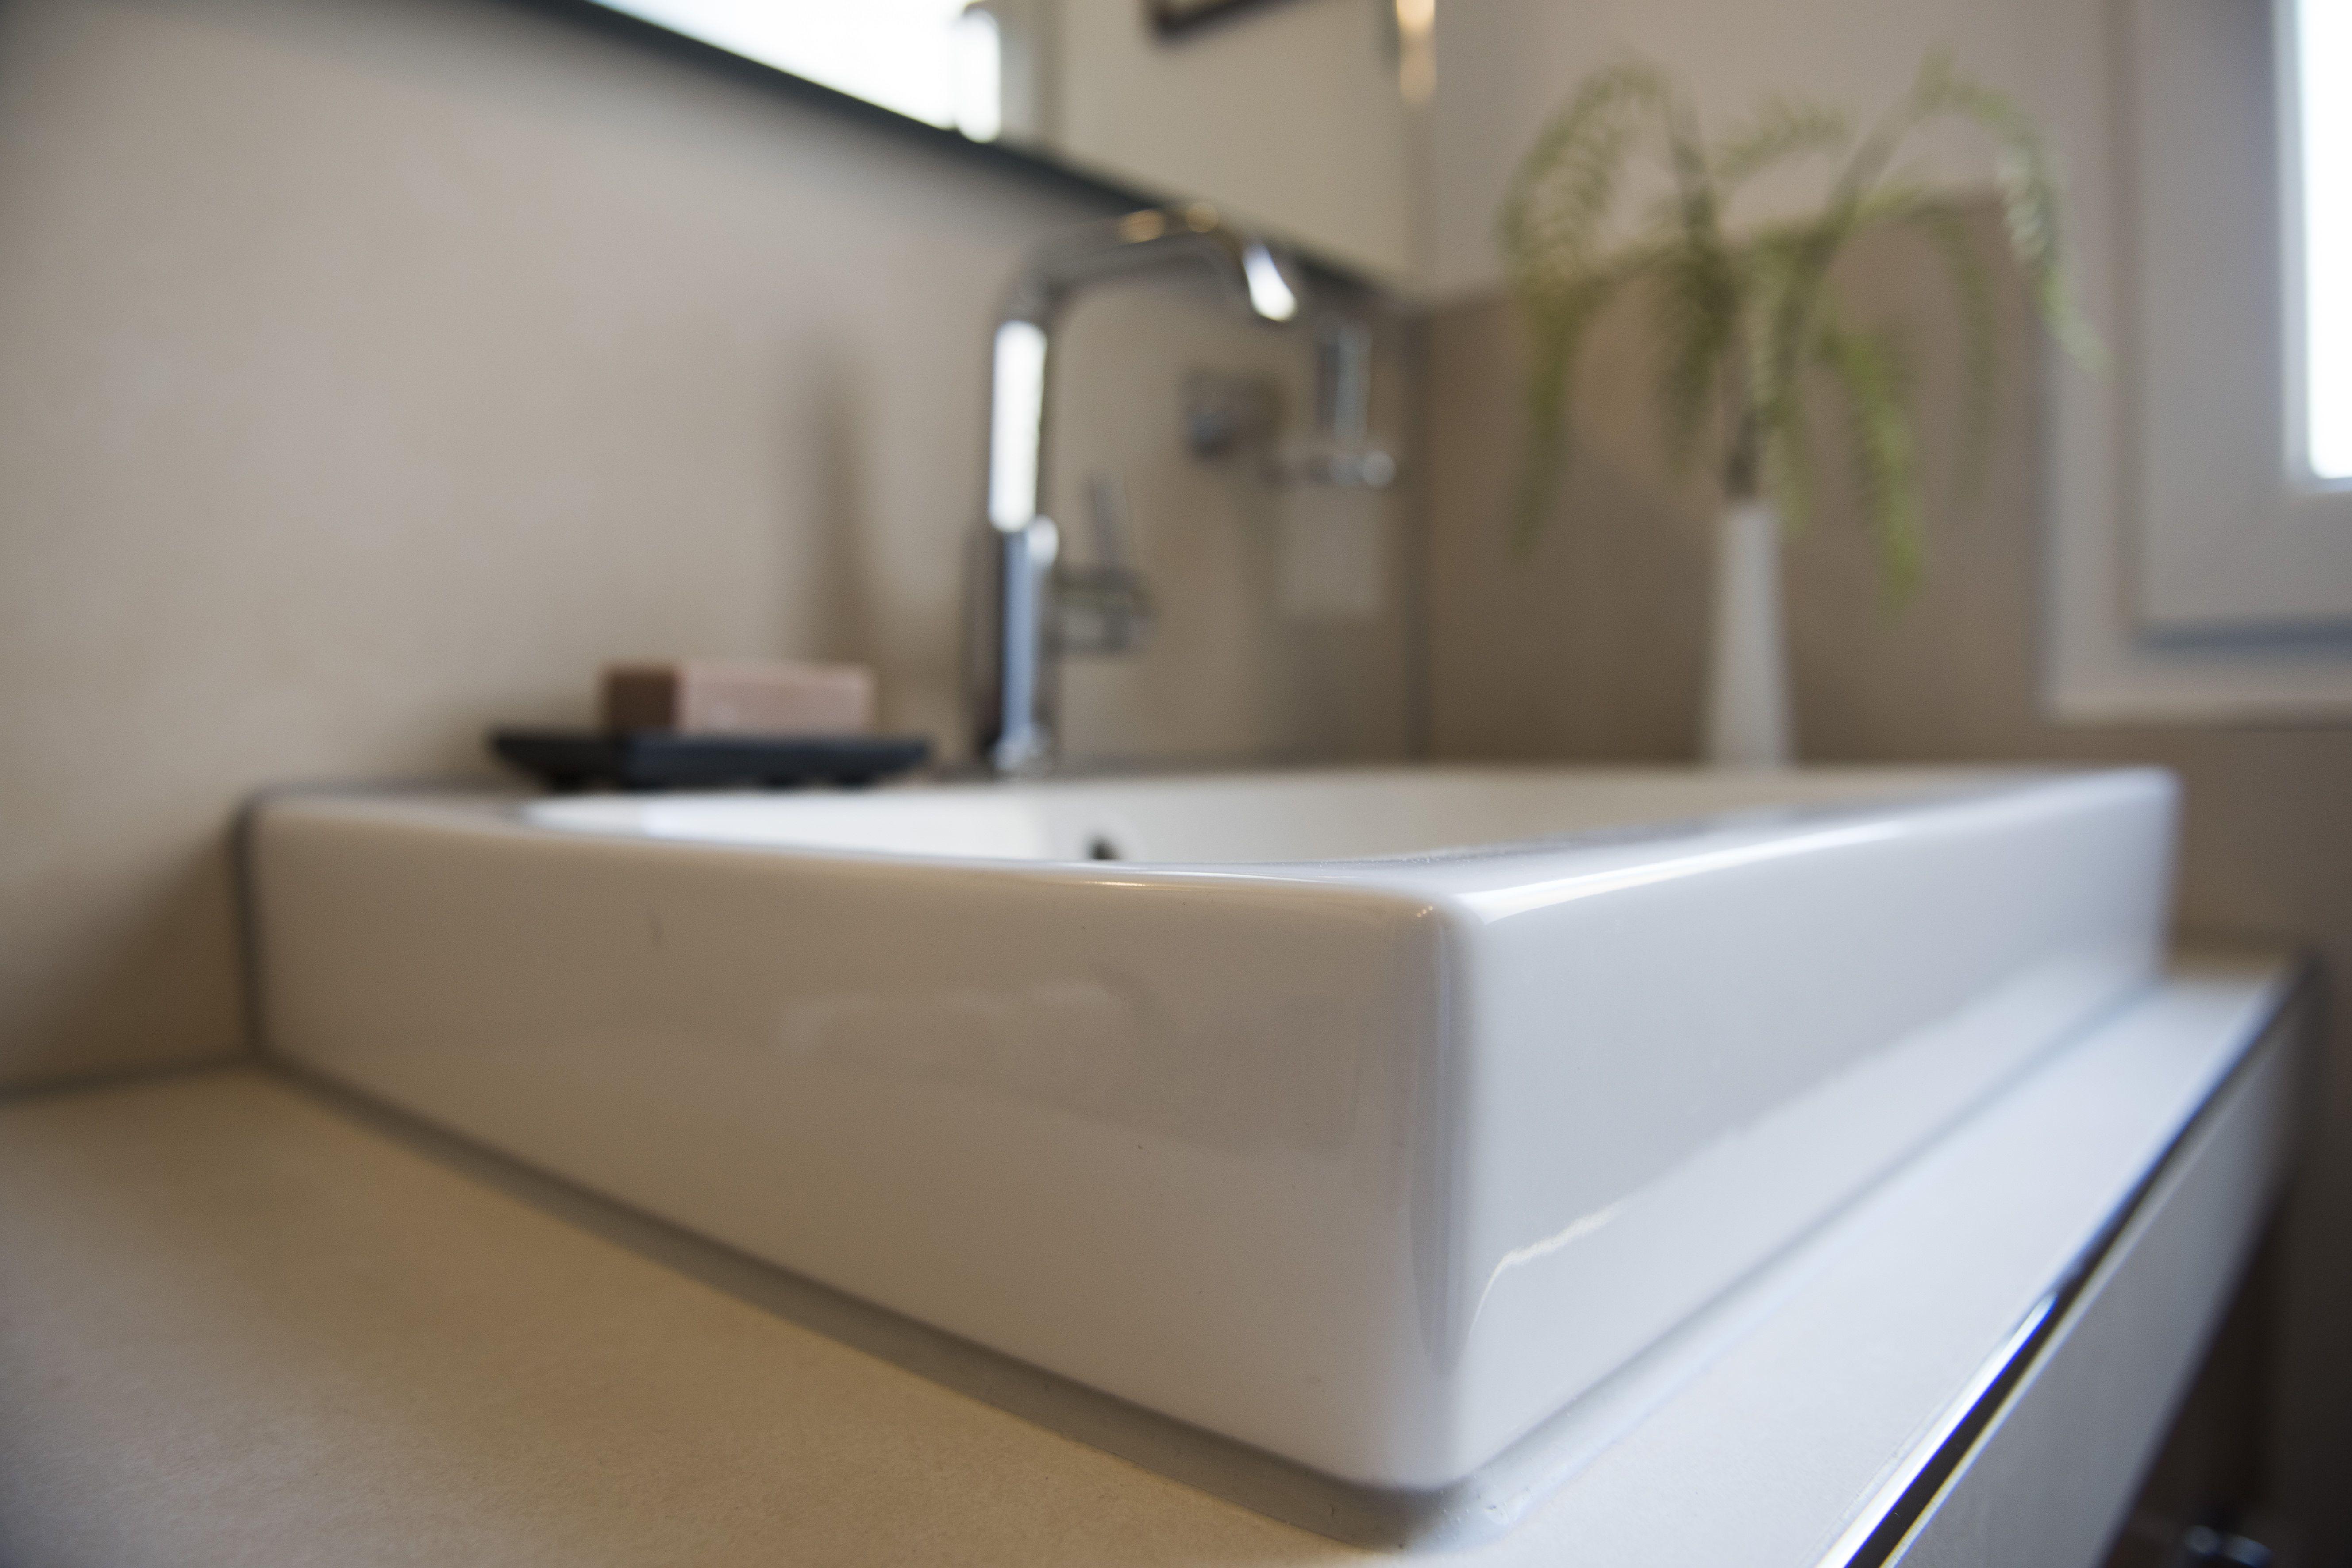 Waschbecken Mal Aus Einer Anderen Perspektive Betrachten Banovo Badsanierung Badrenovierung Sandfarben Modern Stilvoll Sand Braun Waschbeck Waschbecken